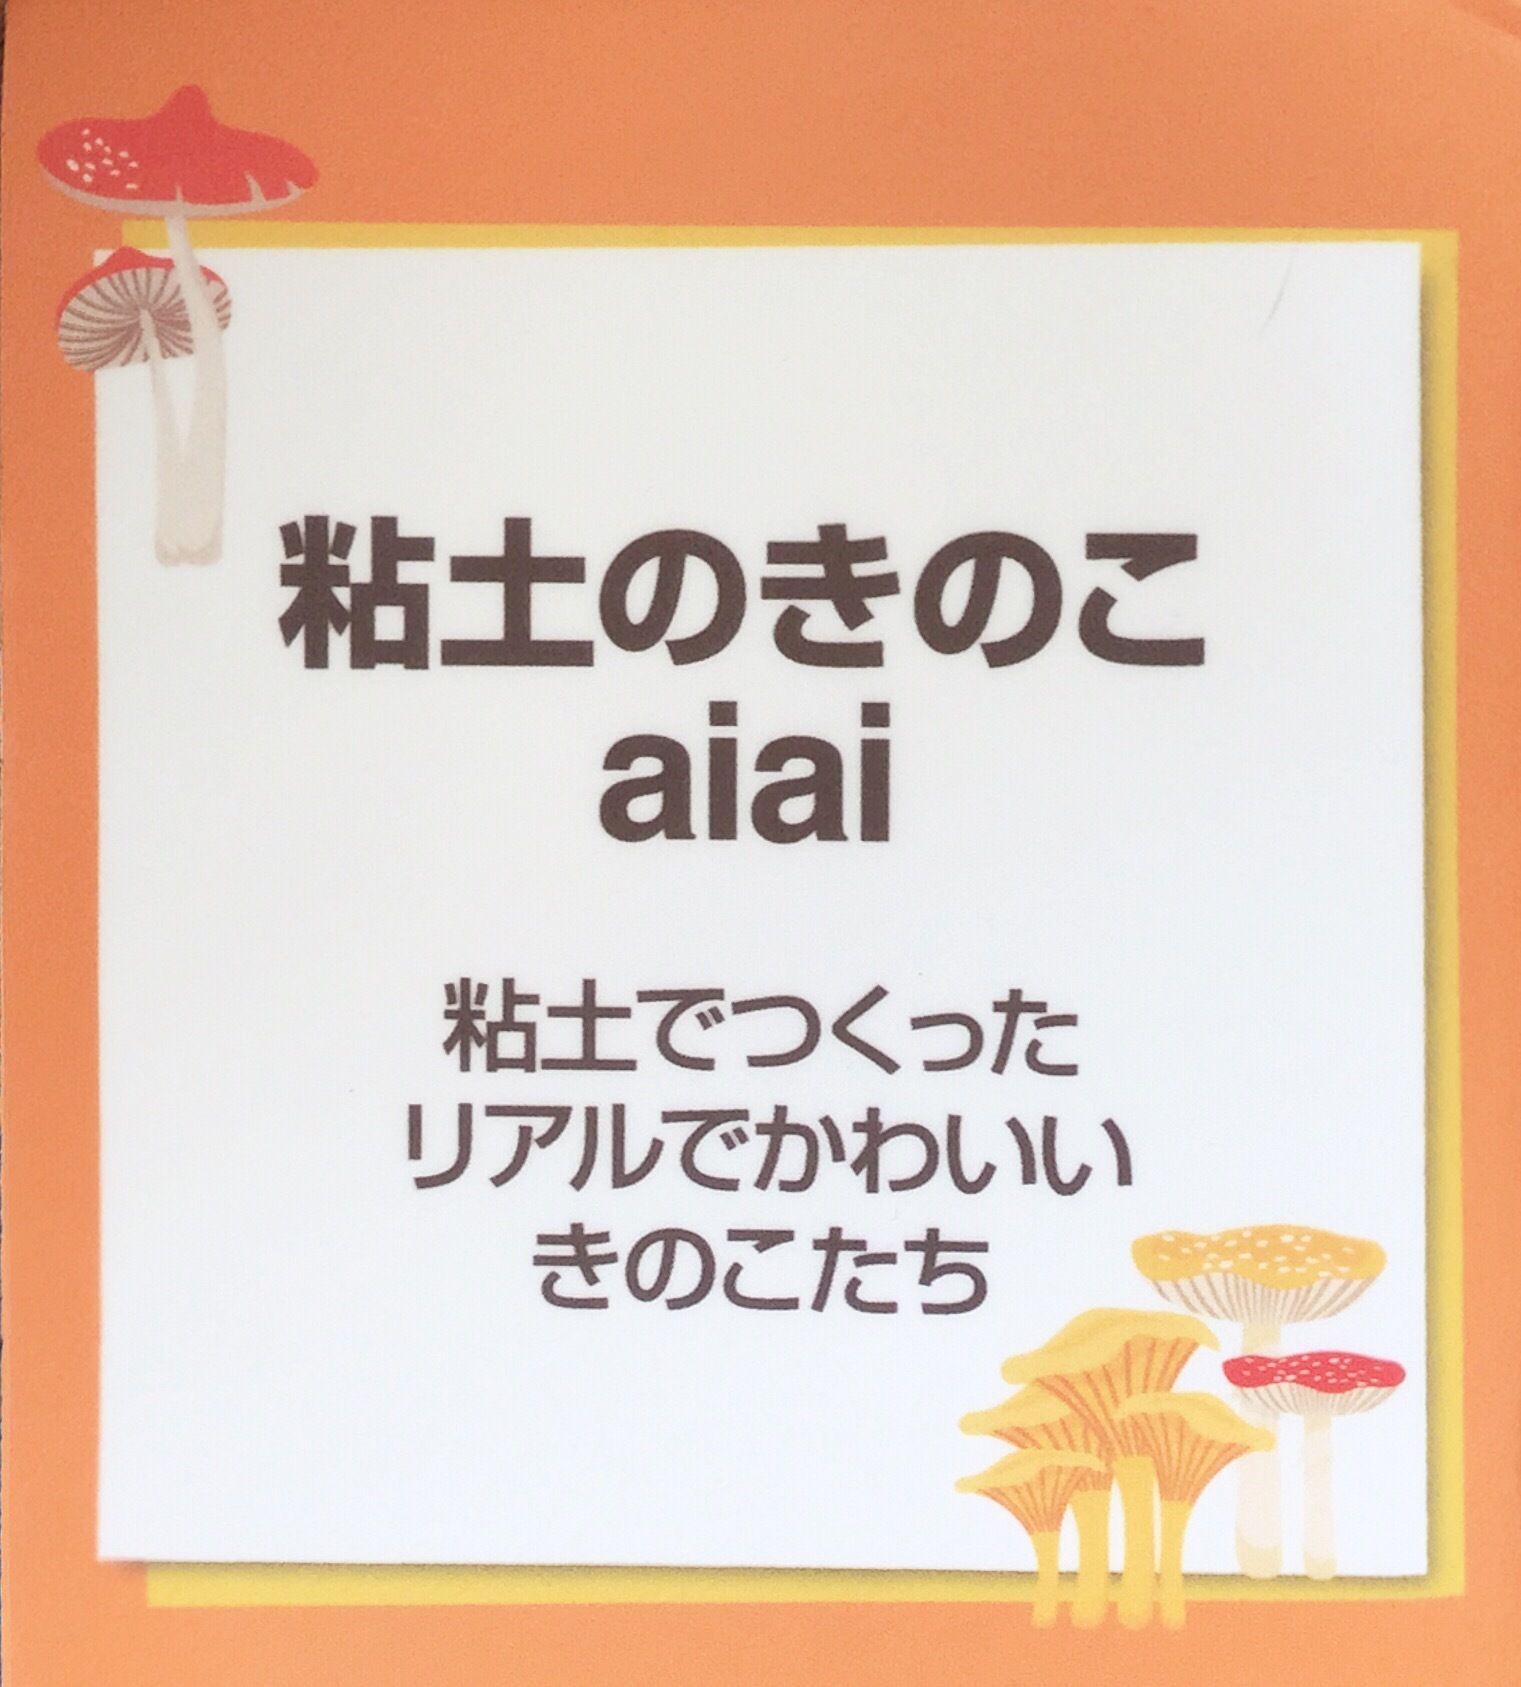 2019_粘土のきのこaiai_logo